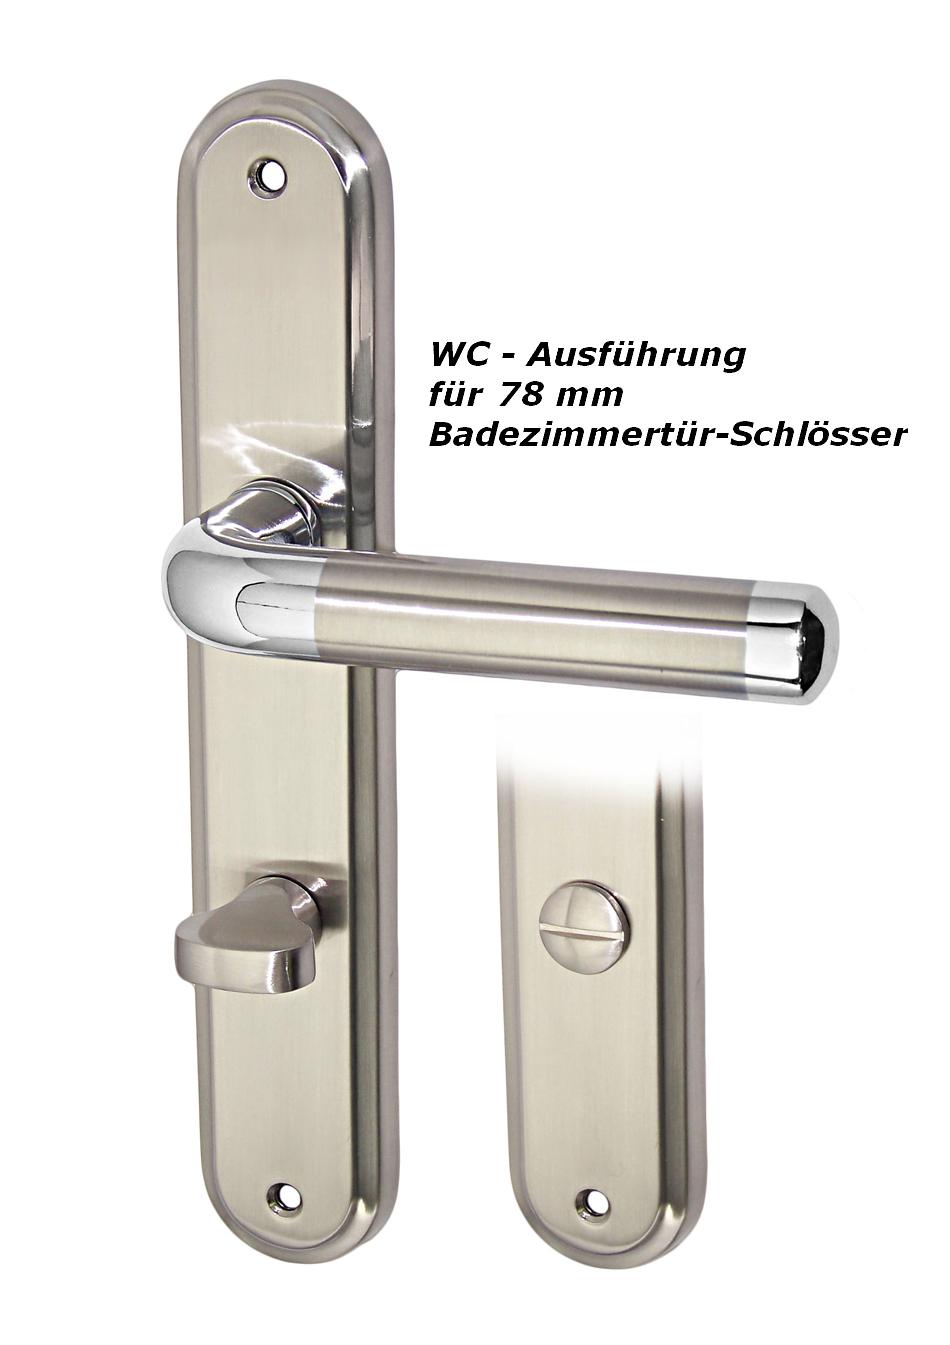 http://www.nbkweb.de/ebay/beschlag/1386a5.jpg